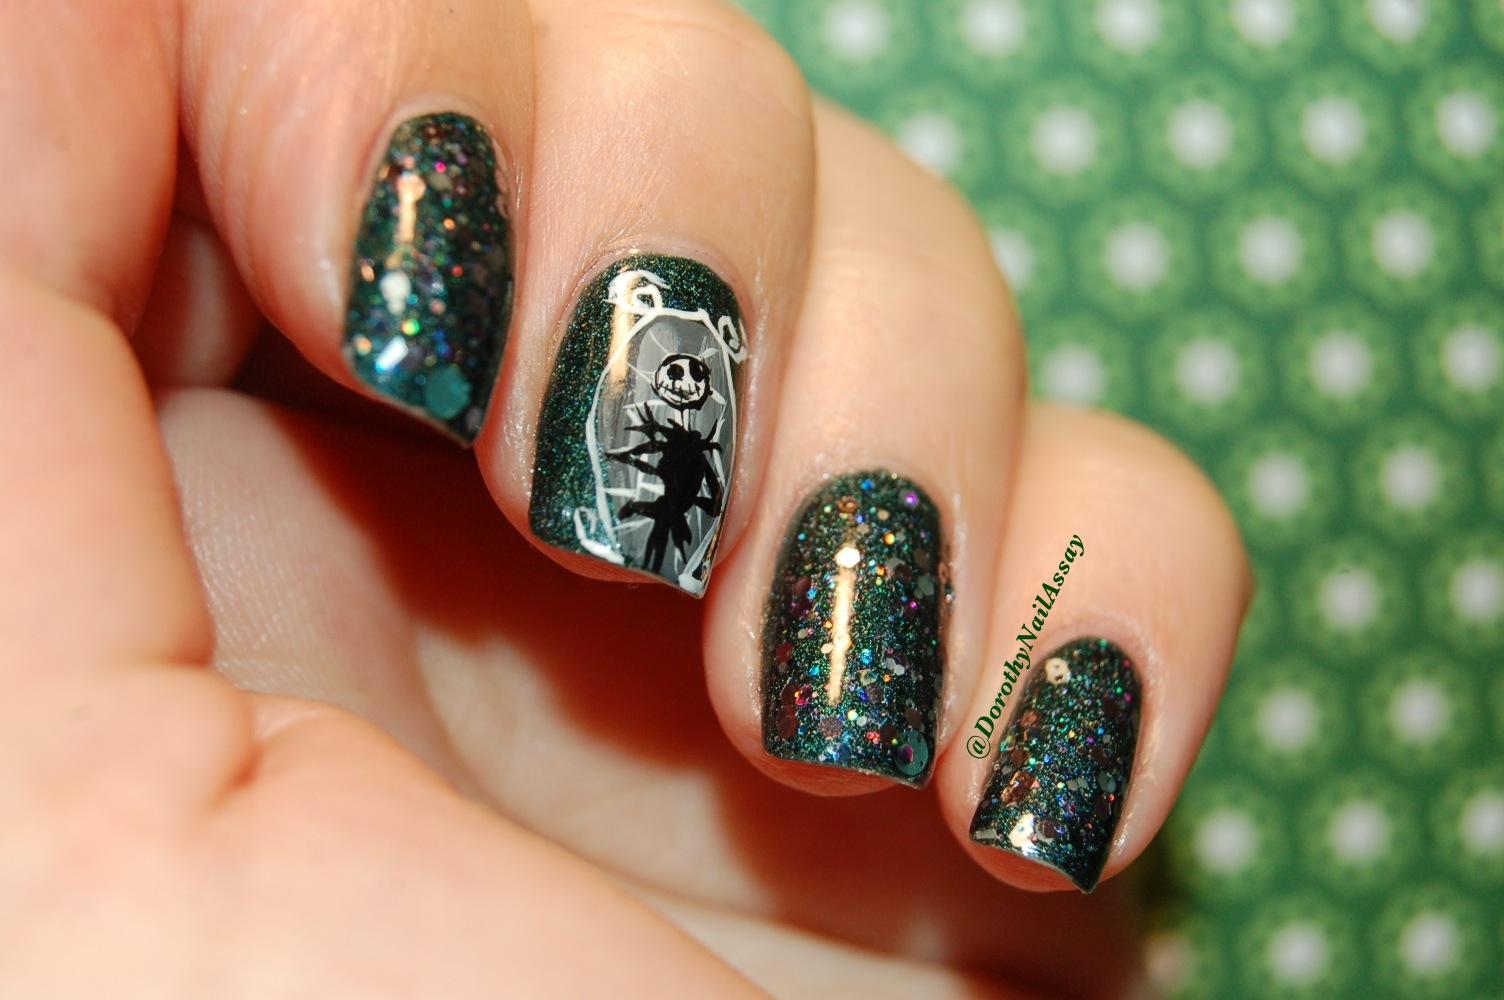 Nail art 501